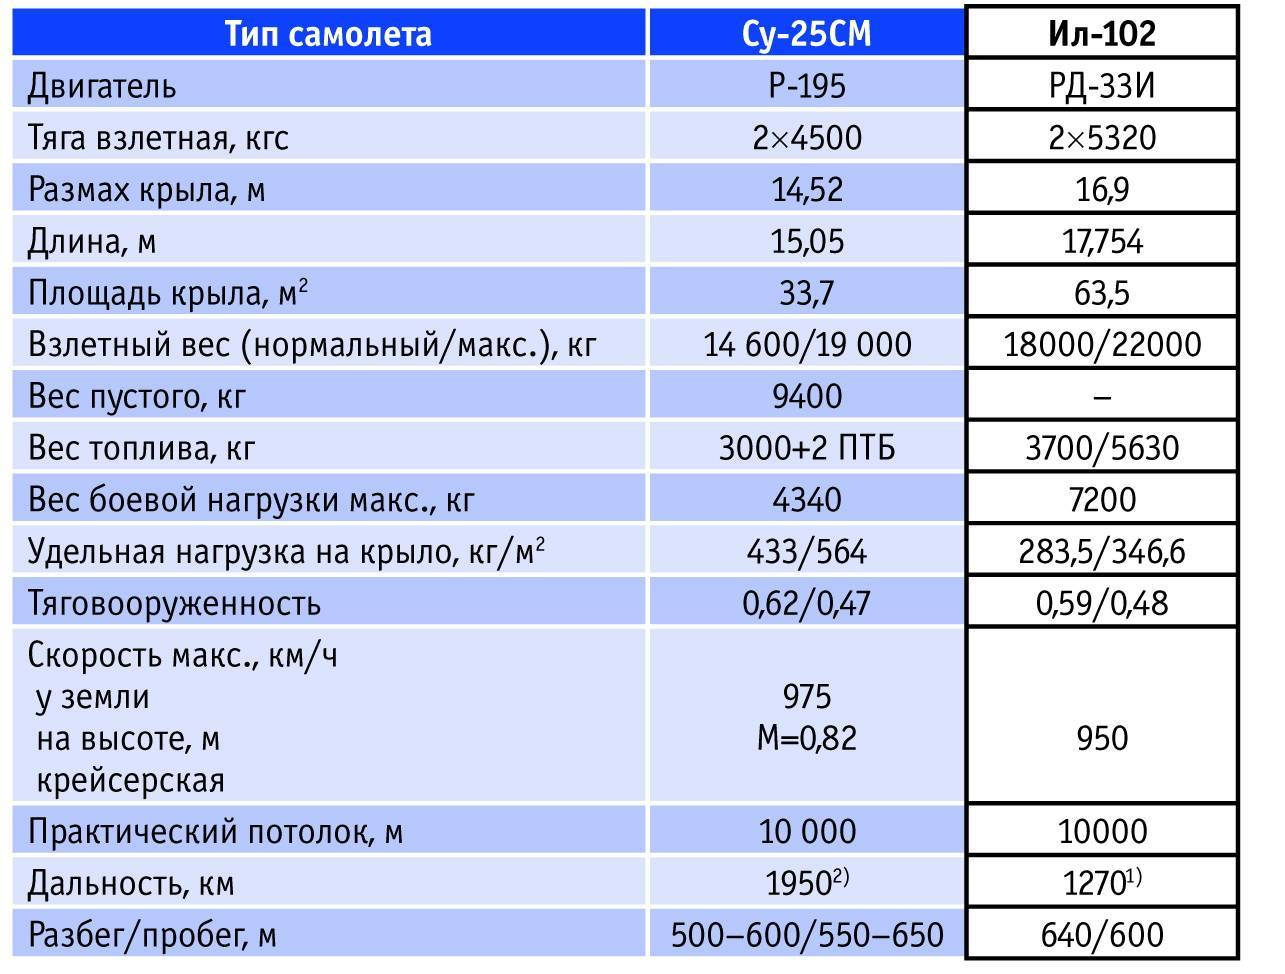 Ильюшин ил-38. фото и видео. характеристики. история.